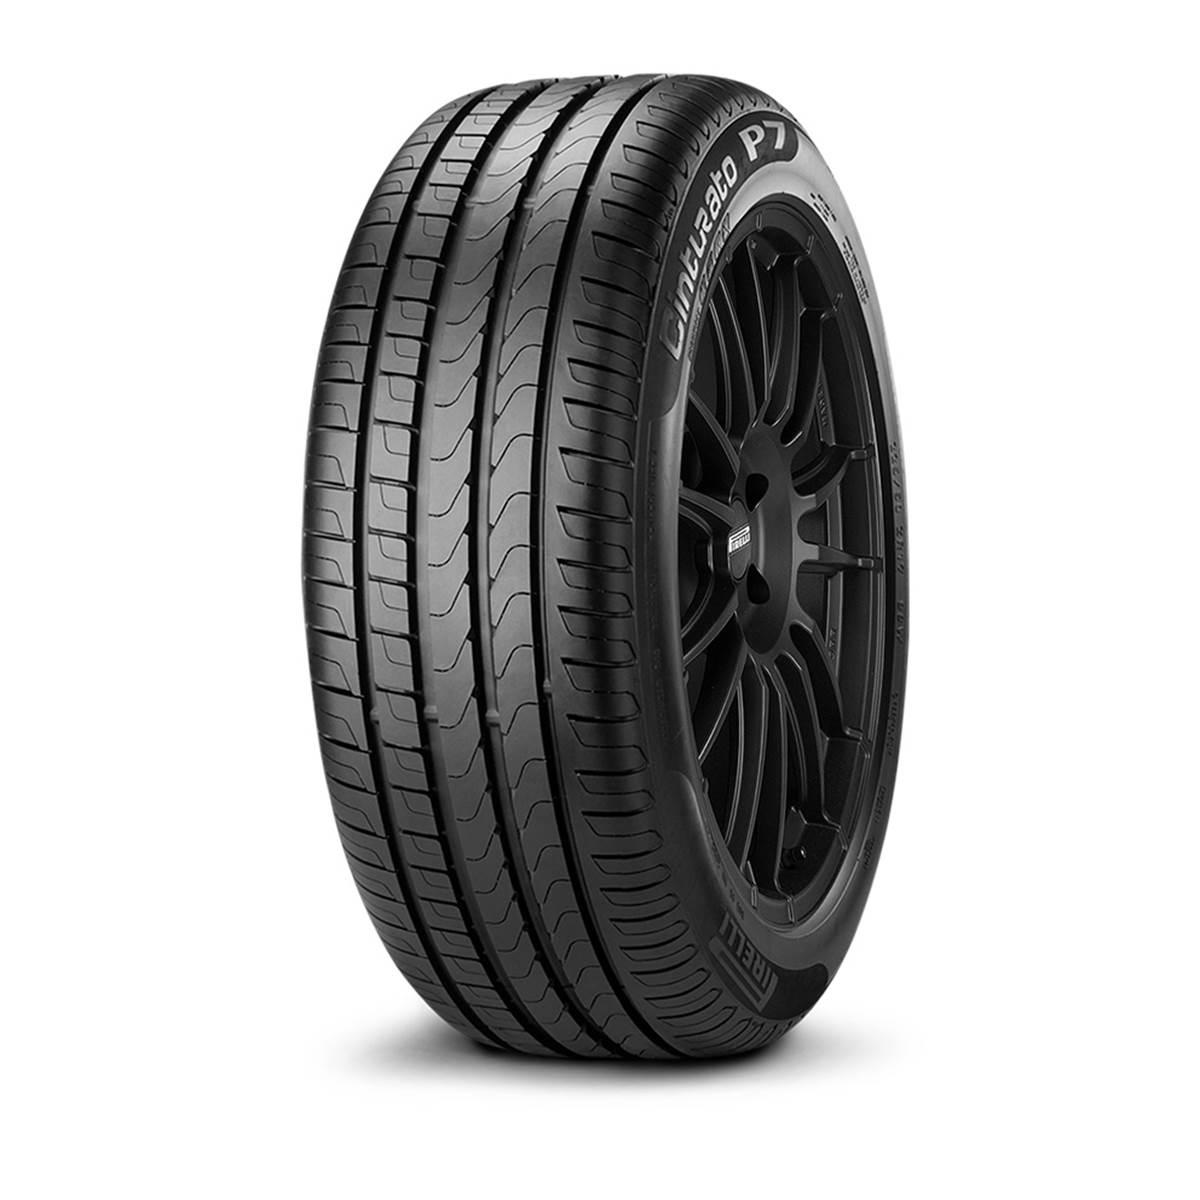 Pneu Runflat Pirelli 225/45R18 91Y Cinturato P7